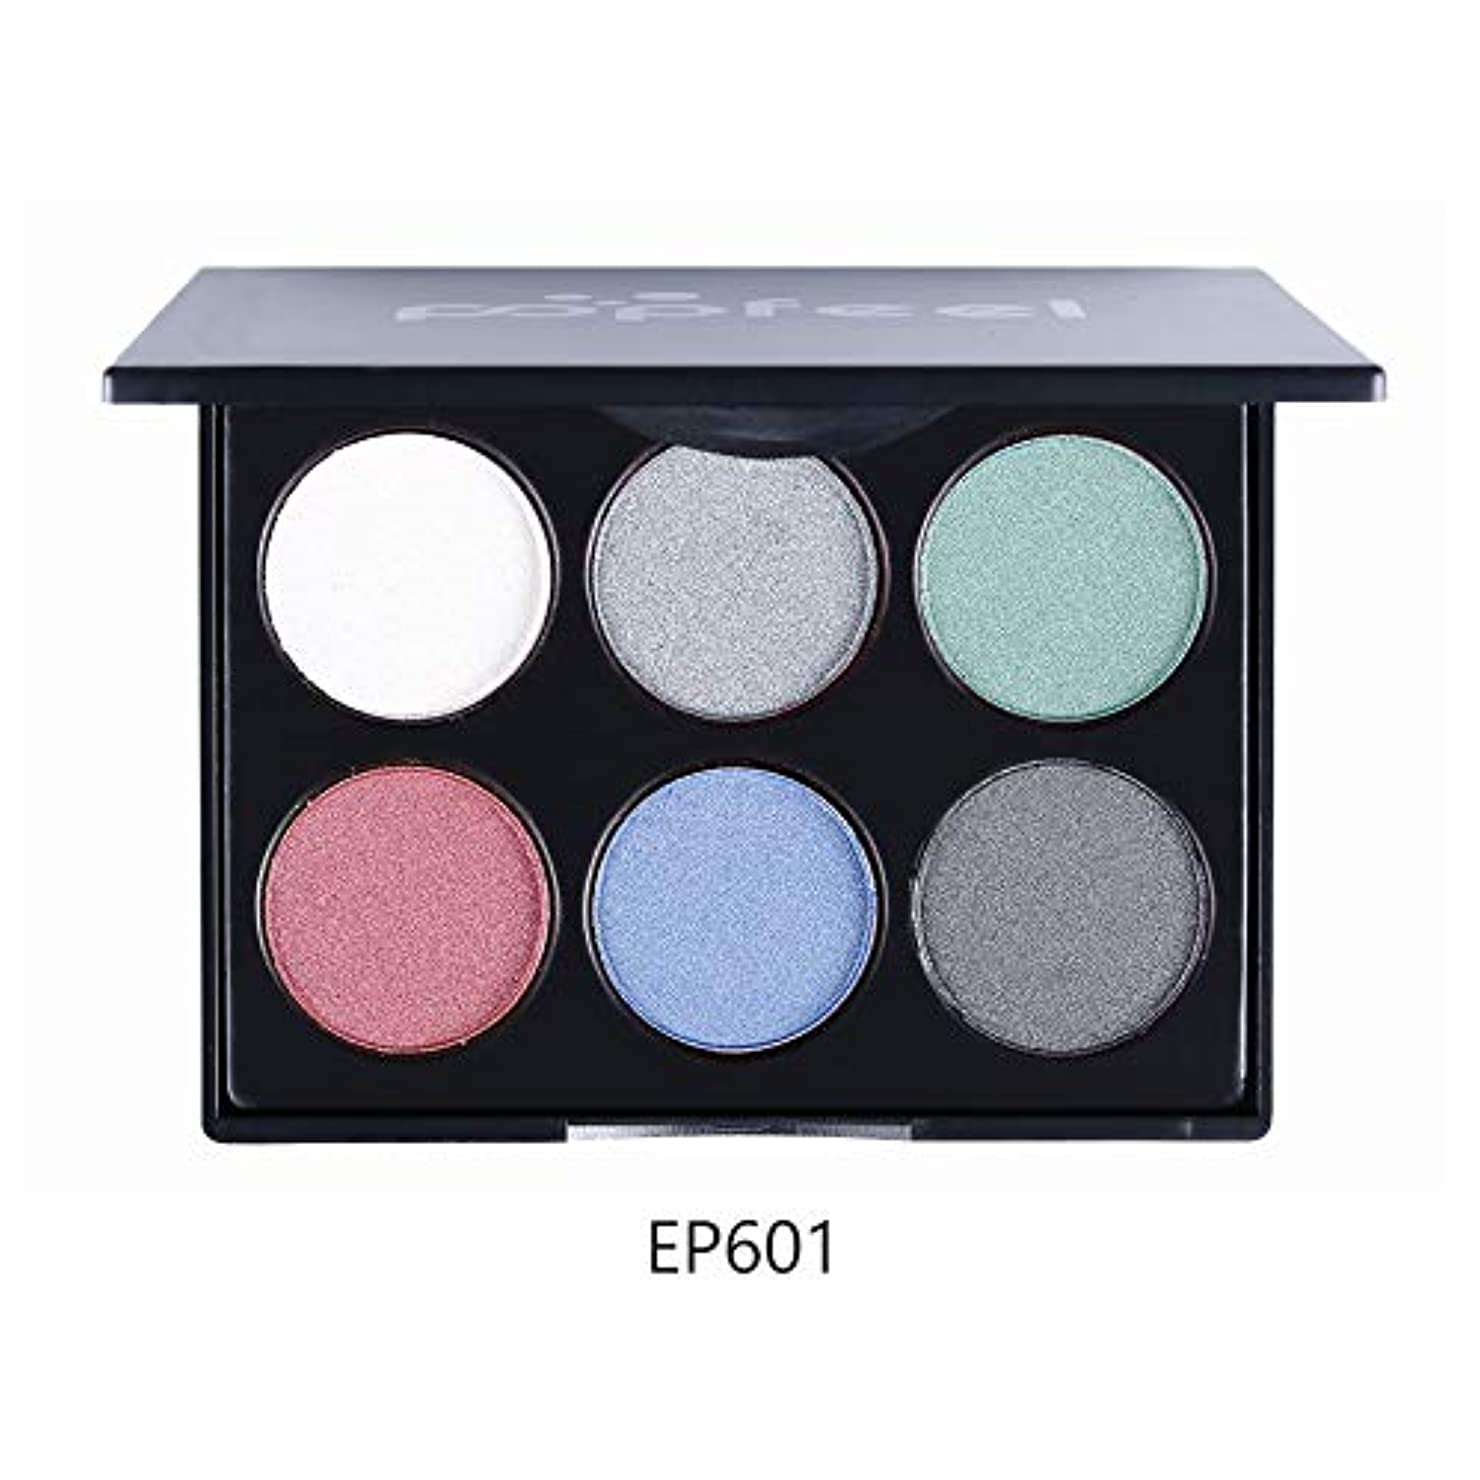 通知マルコポーロ累積Rabugoo 6色マルチカラーアイシャドウパレットビーズマットアイシャドウ化粧品メイクアップ EP6#1